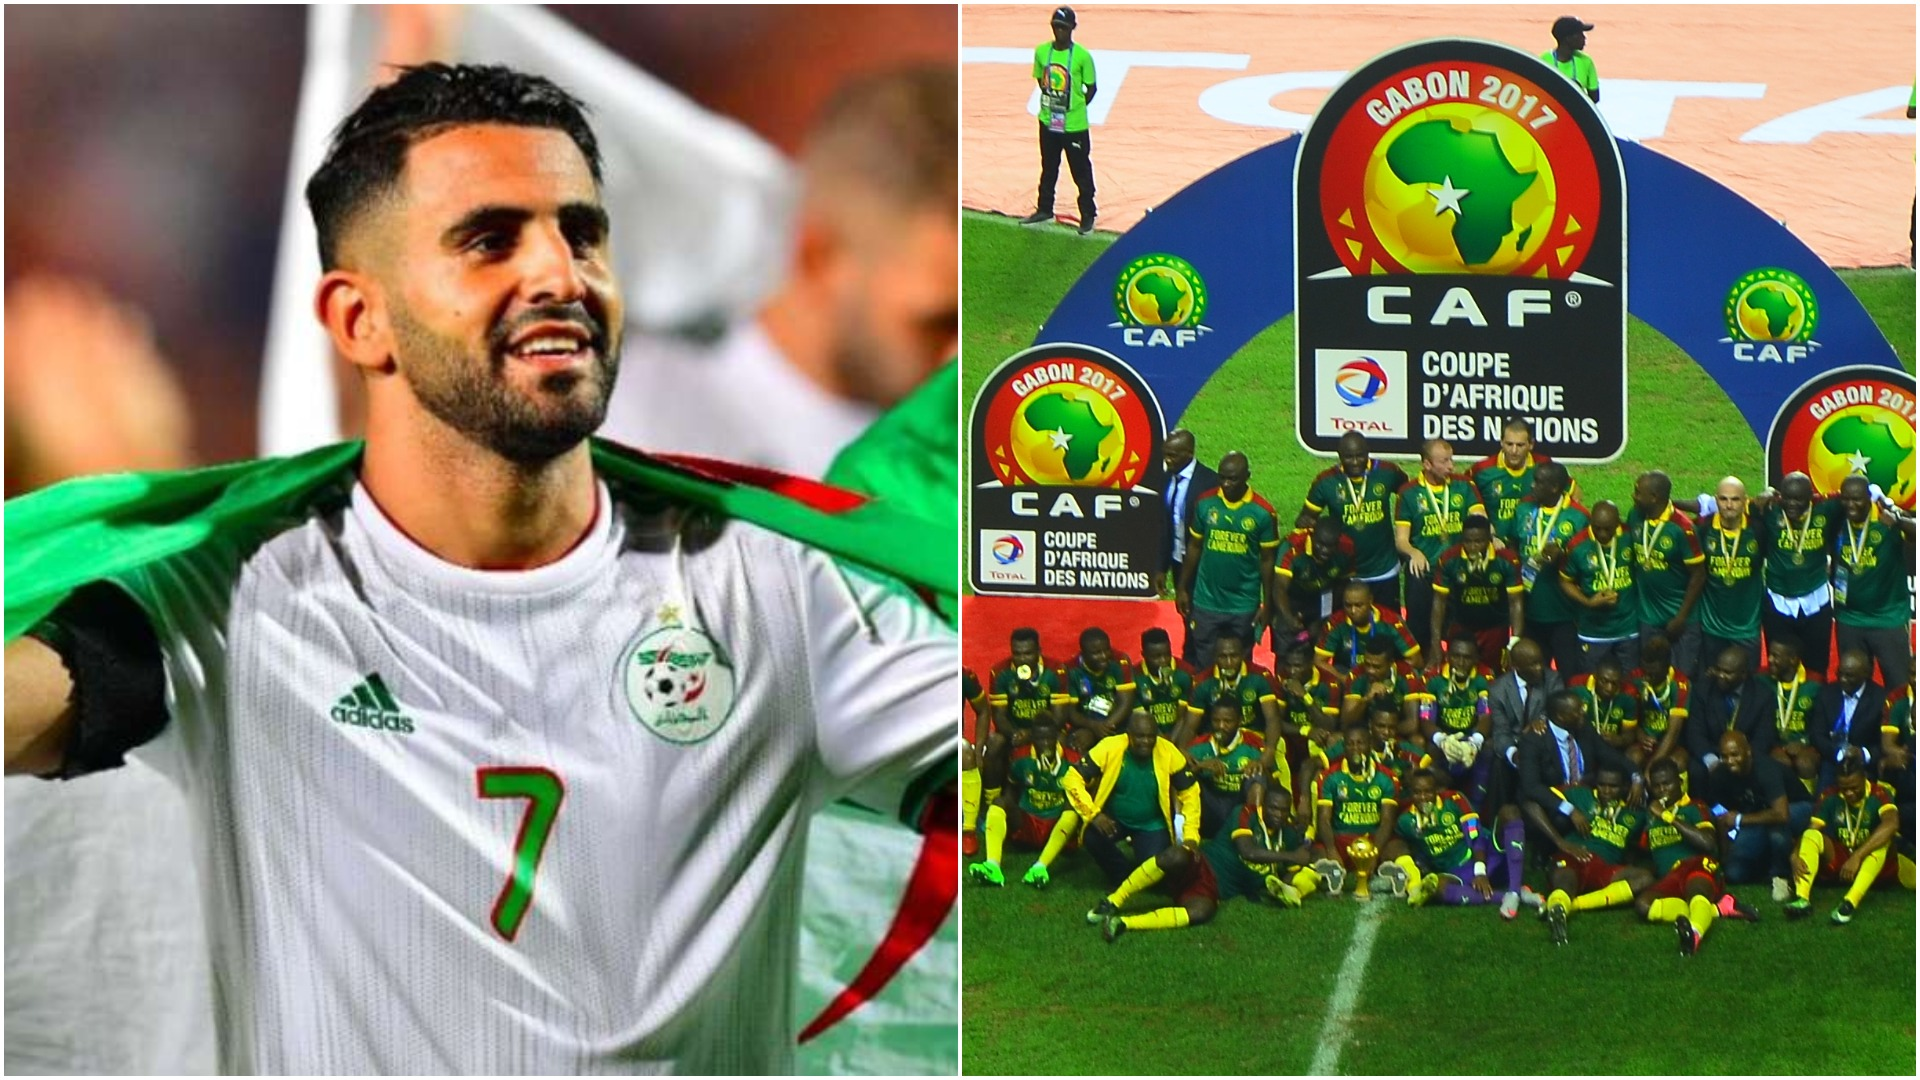 Shpërthimi i Riyad Mahrez, del kundër CAF për Kupën e Afrikës